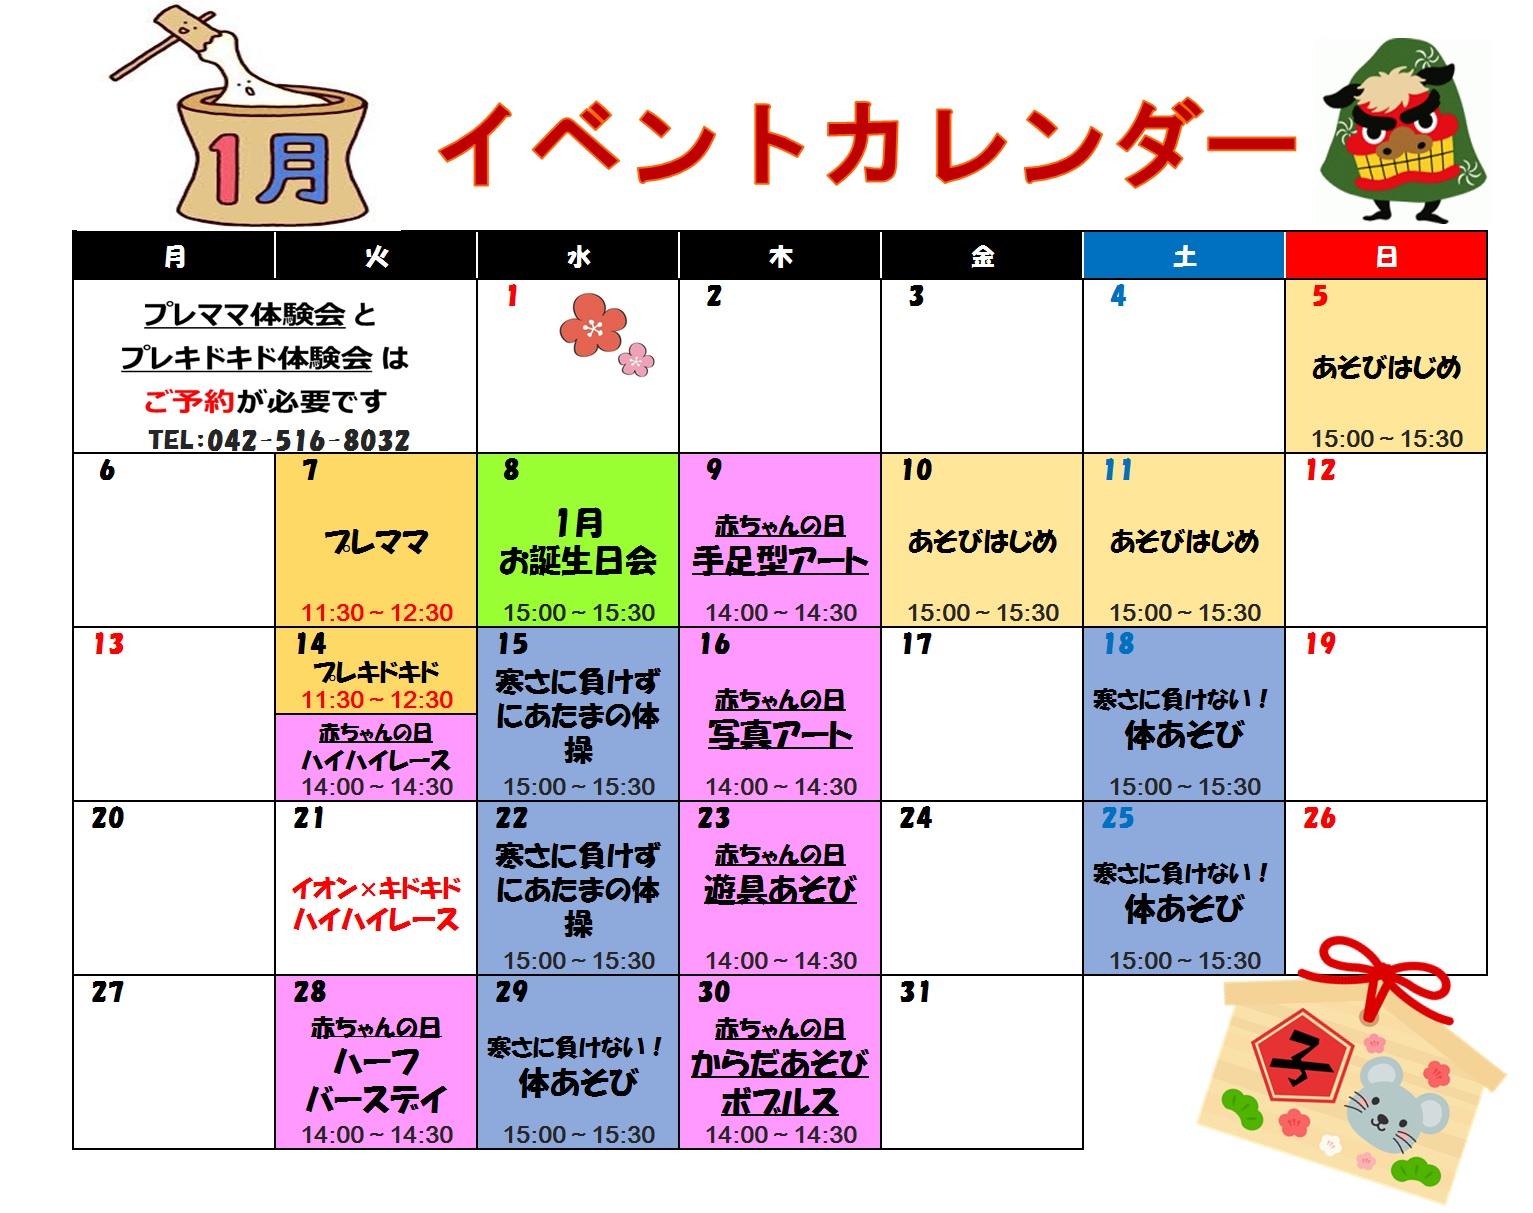 1月イベントカレンダーと年末年始のお知らせ